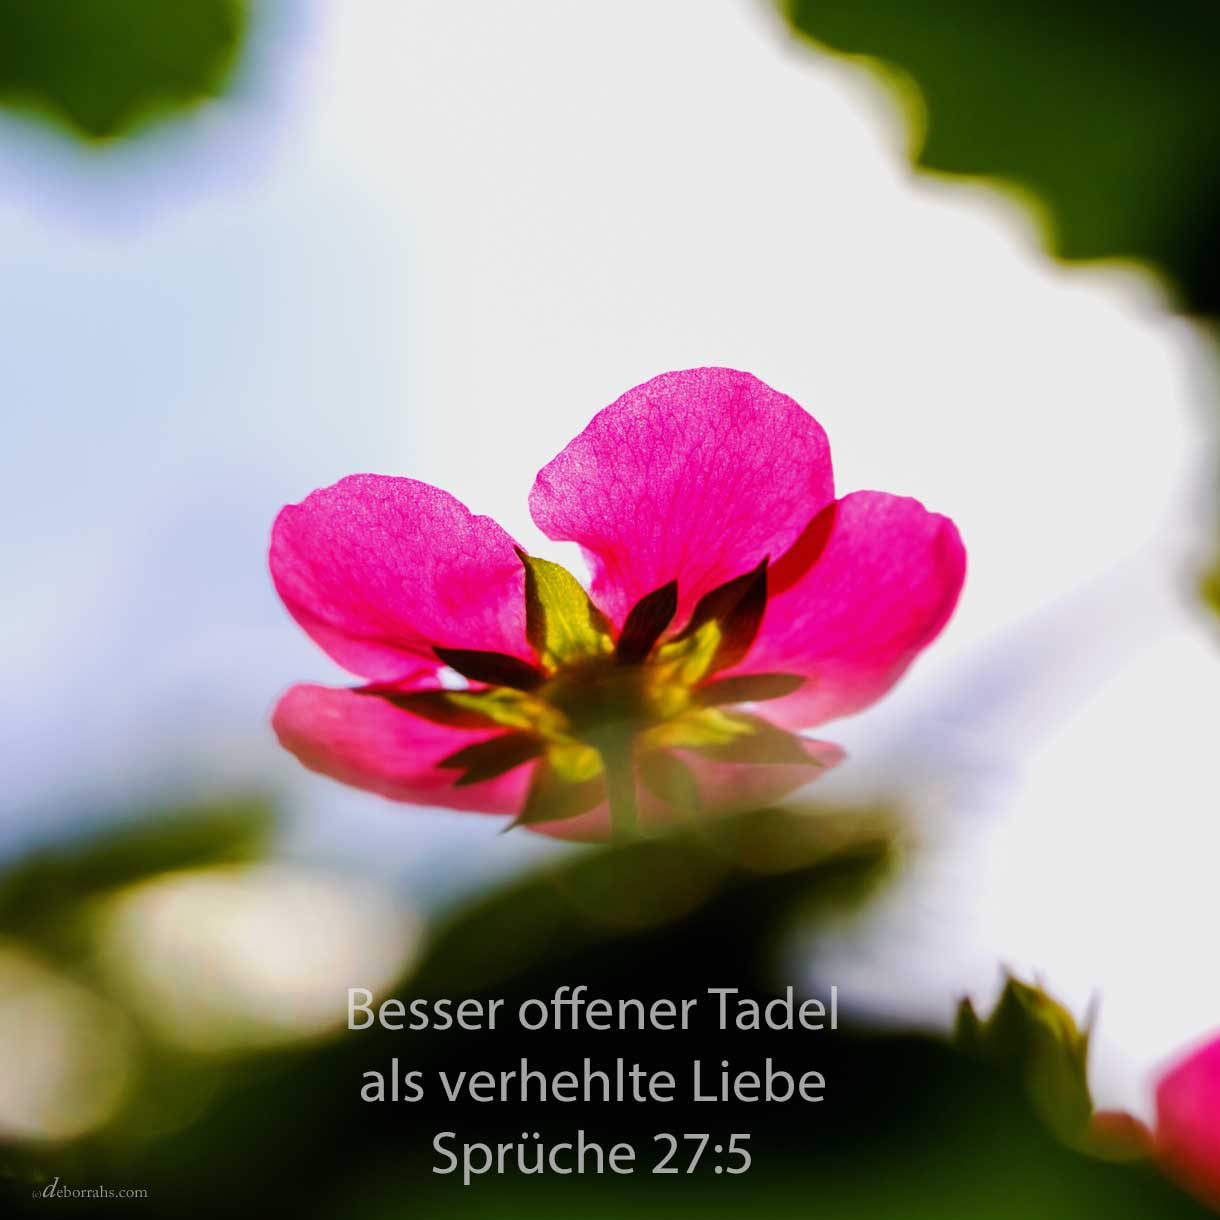 Besser offener Tadel als verhehlte Liebe ( Sprüche 27,5 )